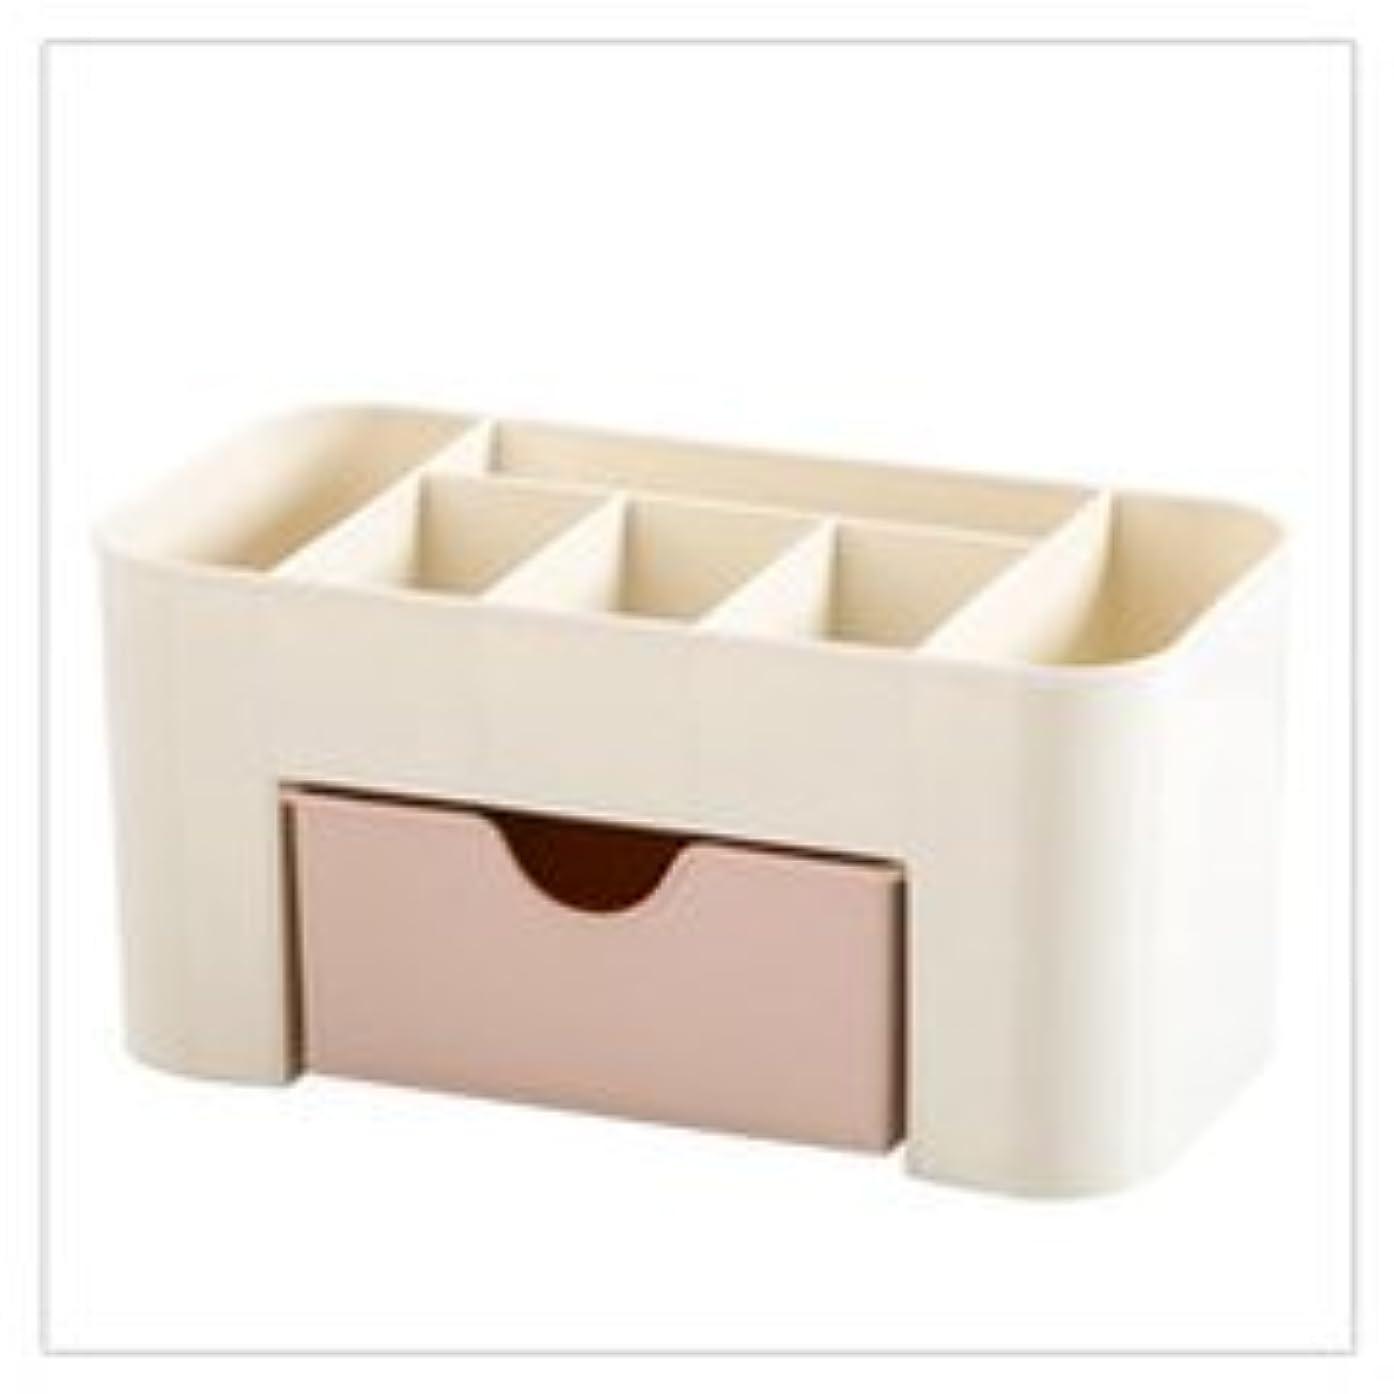 影響力のある解説観客化粧品収納ボックス化粧品引き出し仕上げボックスデスクトップジュエリースキンケアパックフレームドレッサー (Color : ピンク)